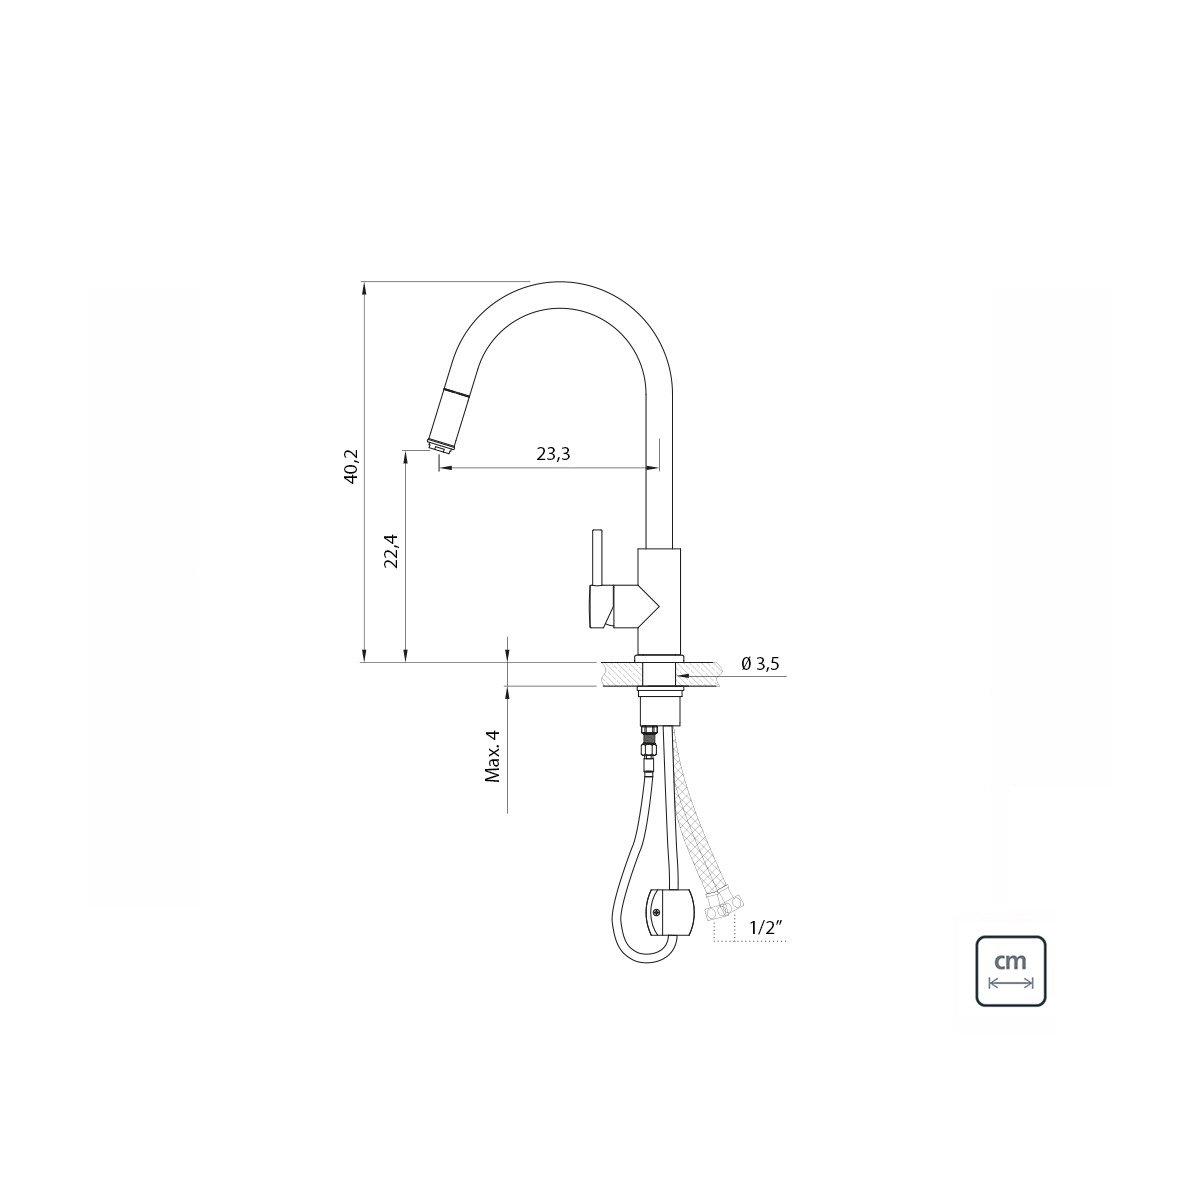 Misturador Monocomando Tramontina Arko Plus em Aço Inox com acabamento Scotch Brite e Extensor